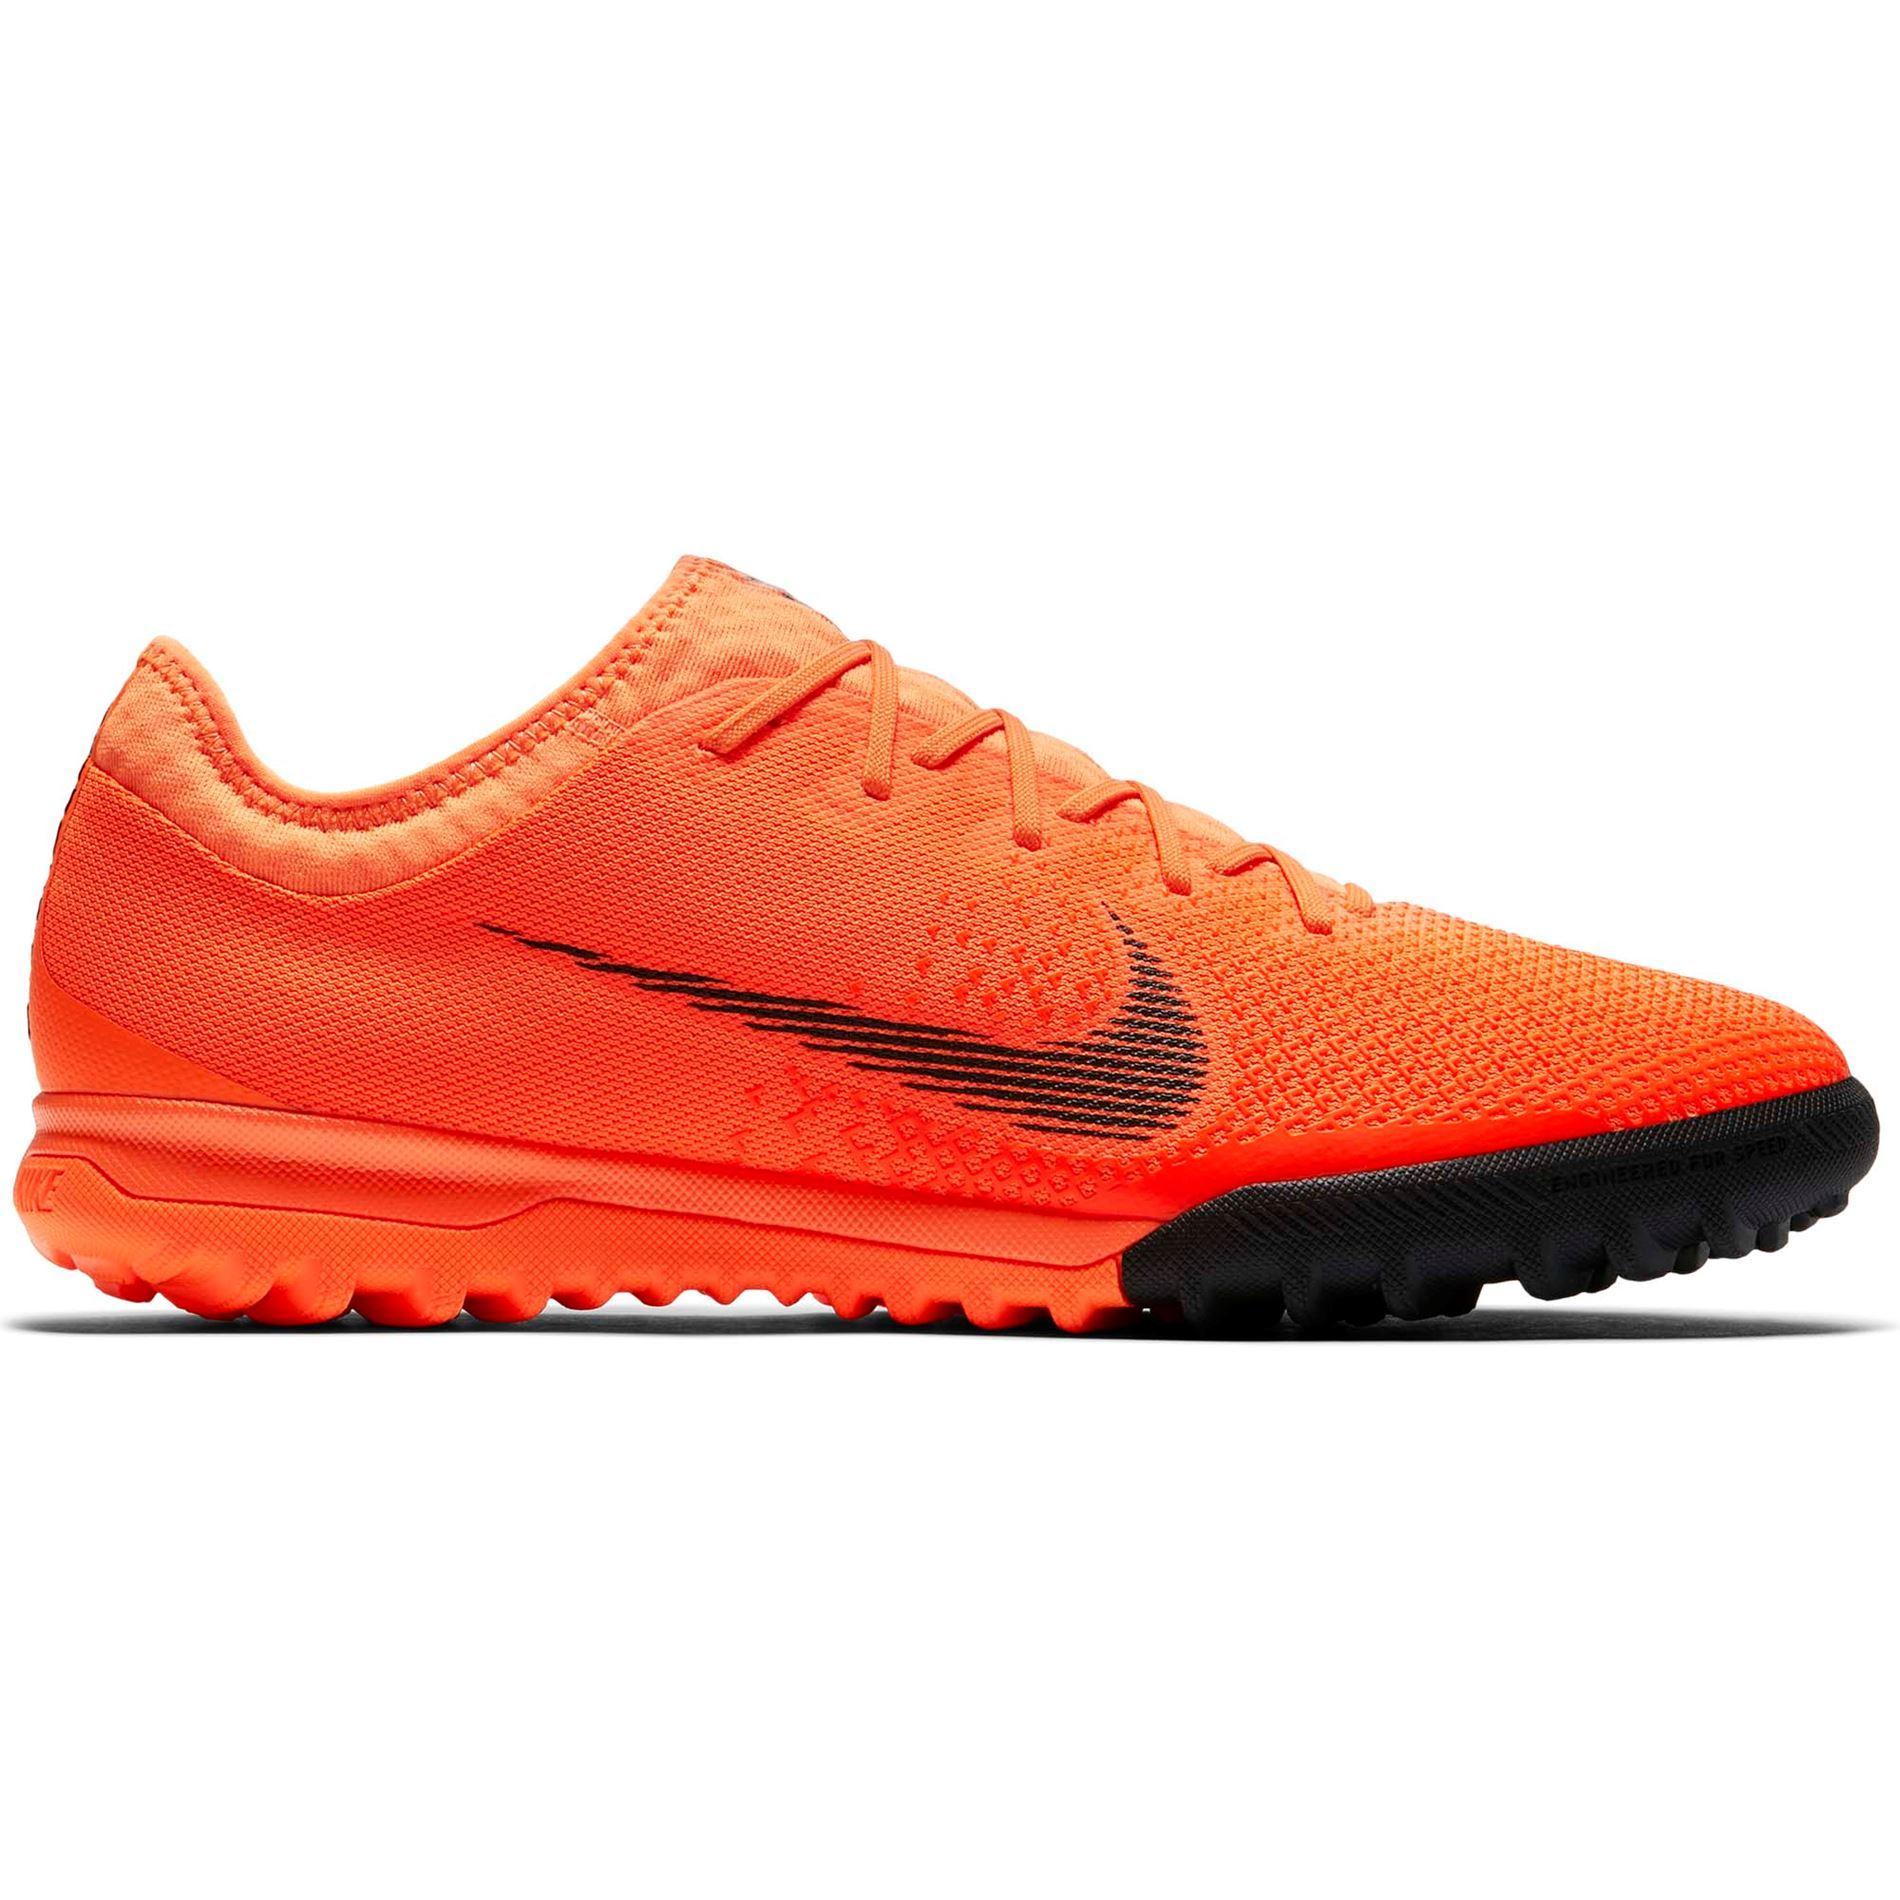 buy popular 47cb6 85aef Nike MercurialX Vapor XII Pro TF Fast AF- Fotballsko.no - Sko fra Adidas,  Nike og Puma. Nor-Contact Sport